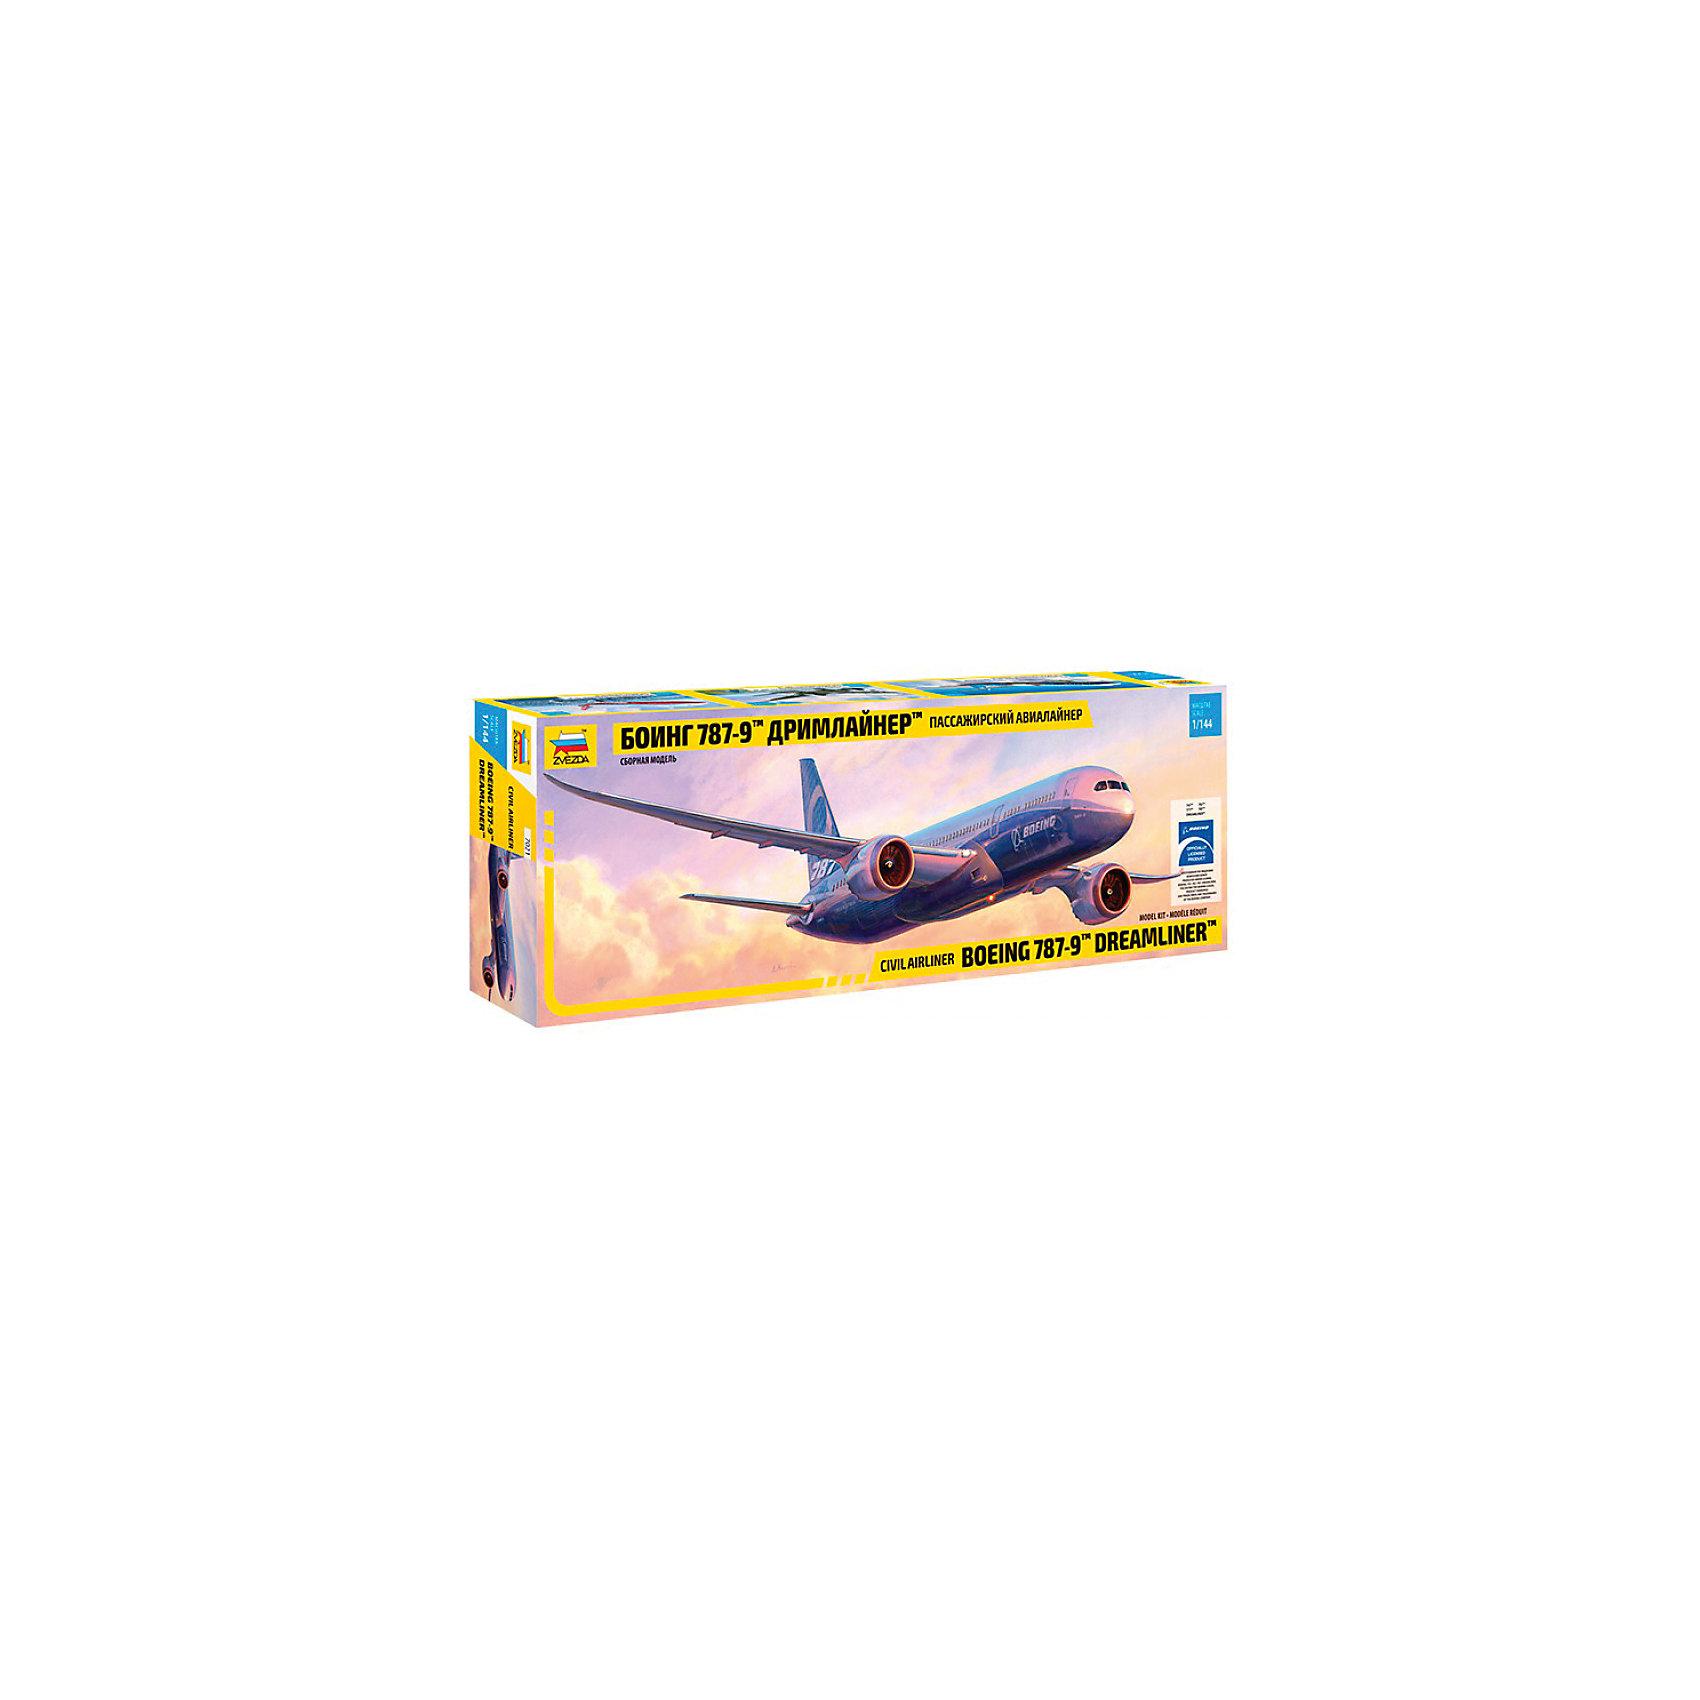 Сборная модель Звезда Самолет Боинг 787-9. Дримлайнер, 1:144Модели для склеивания<br>Модель сборная. Самолёт Боинг 787-9<br><br>Ширина мм: 475<br>Глубина мм: 160<br>Высота мм: 65<br>Вес г: 425<br>Возраст от месяцев: 36<br>Возраст до месяцев: 180<br>Пол: Мужской<br>Возраст: Детский<br>SKU: 7086523